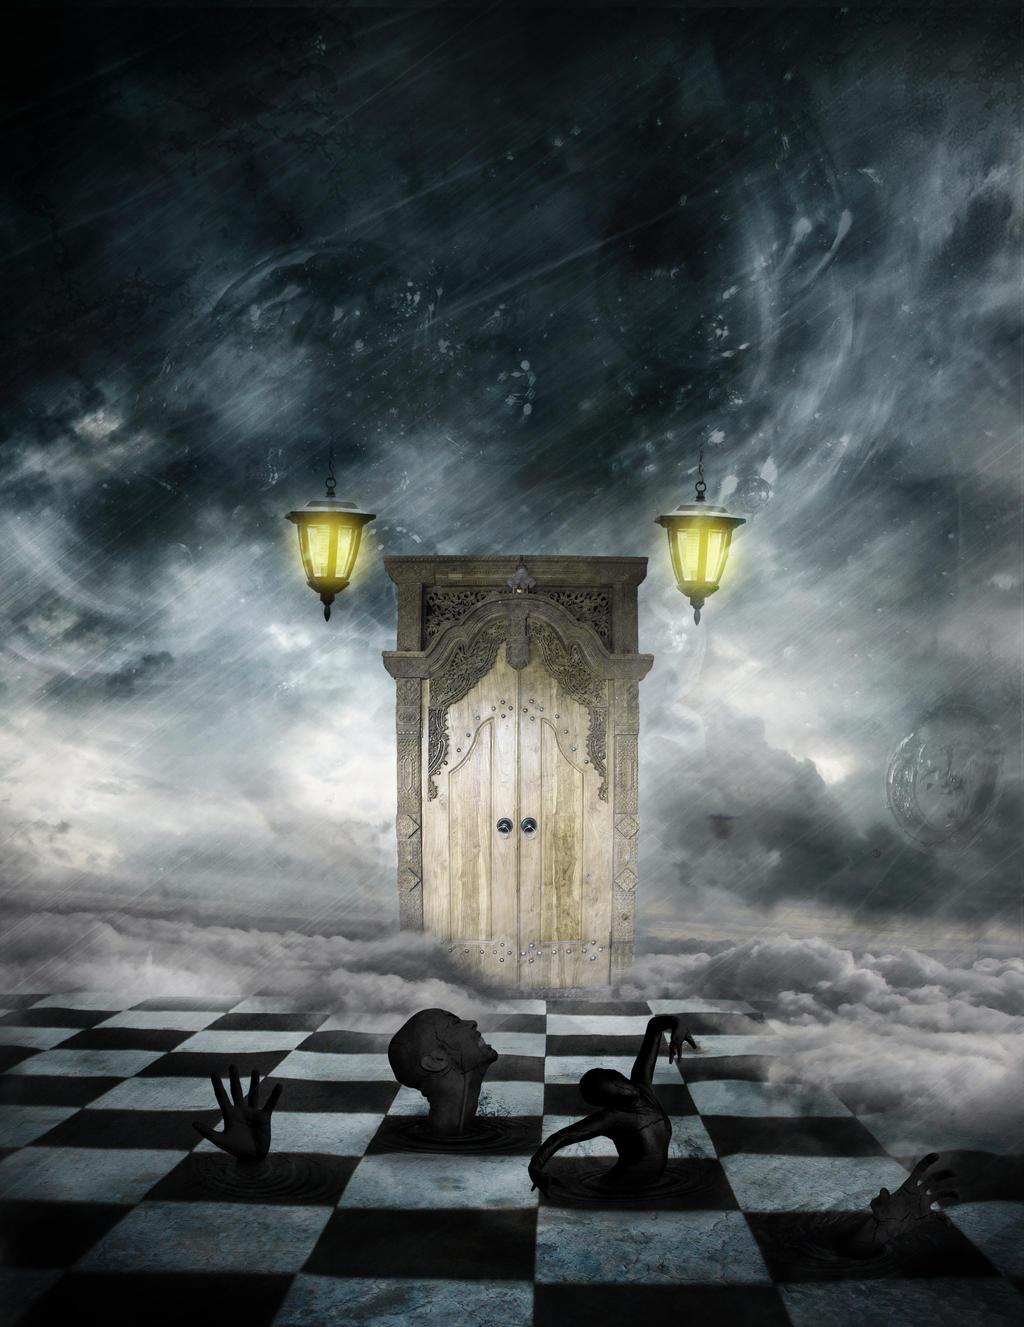 The Surreal by Shadowtuga